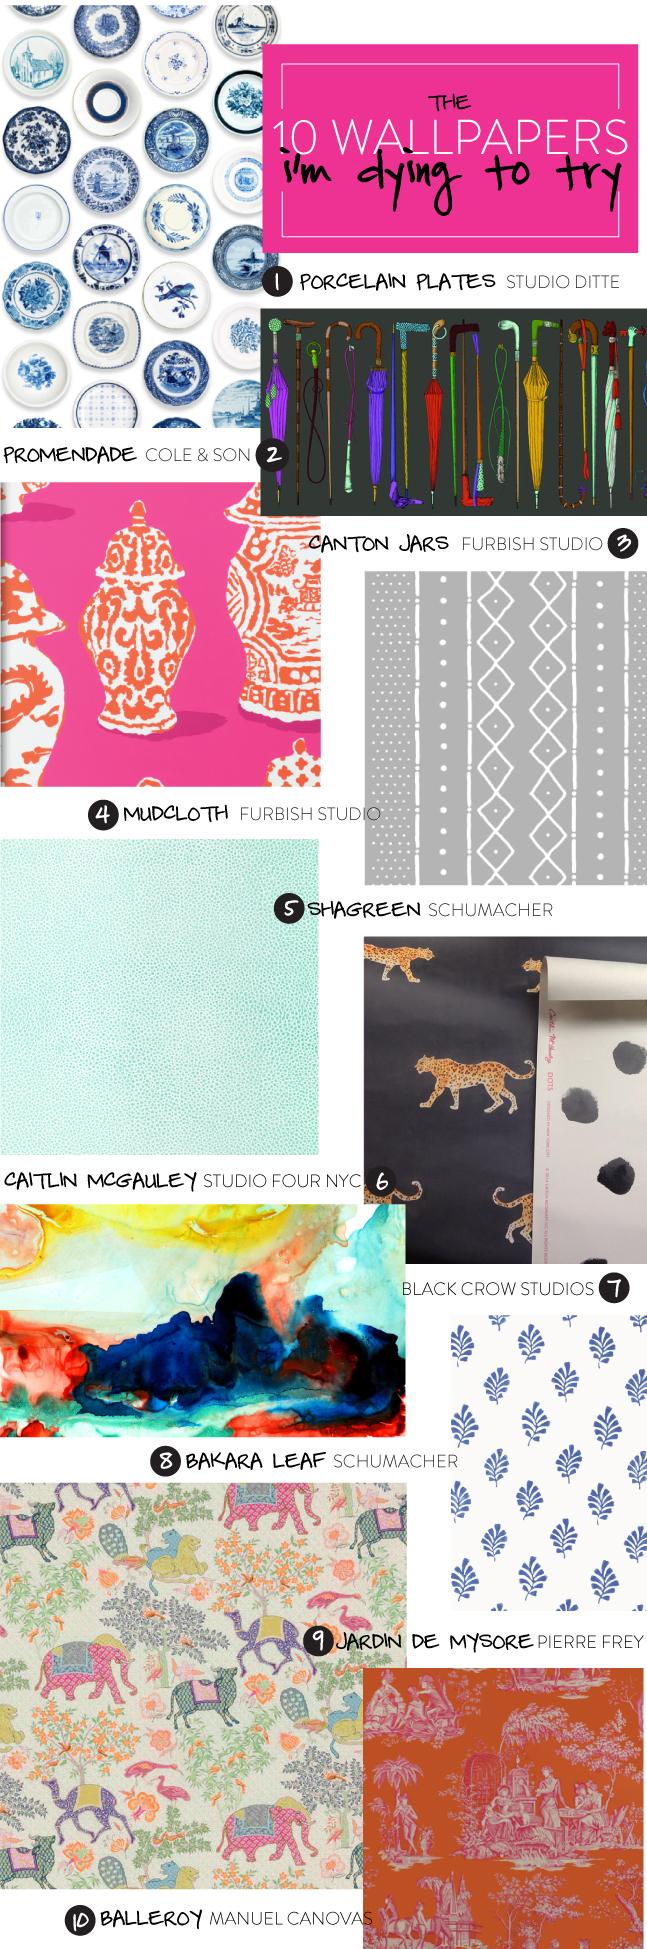 top-10-wallpapers